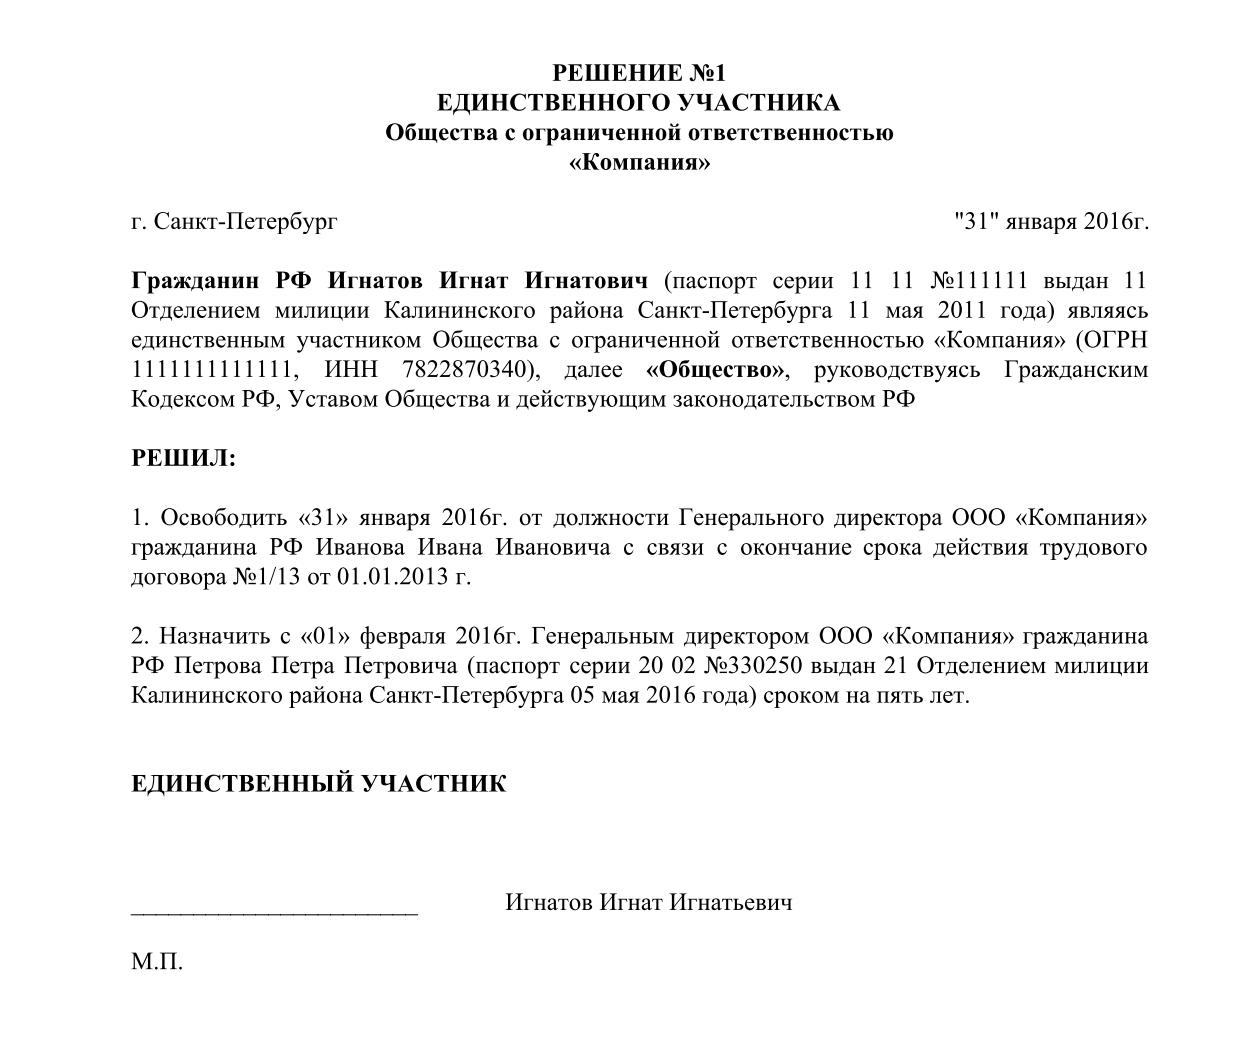 Анкета на гражданина в военкомат приложение 4 к инструкции п 9